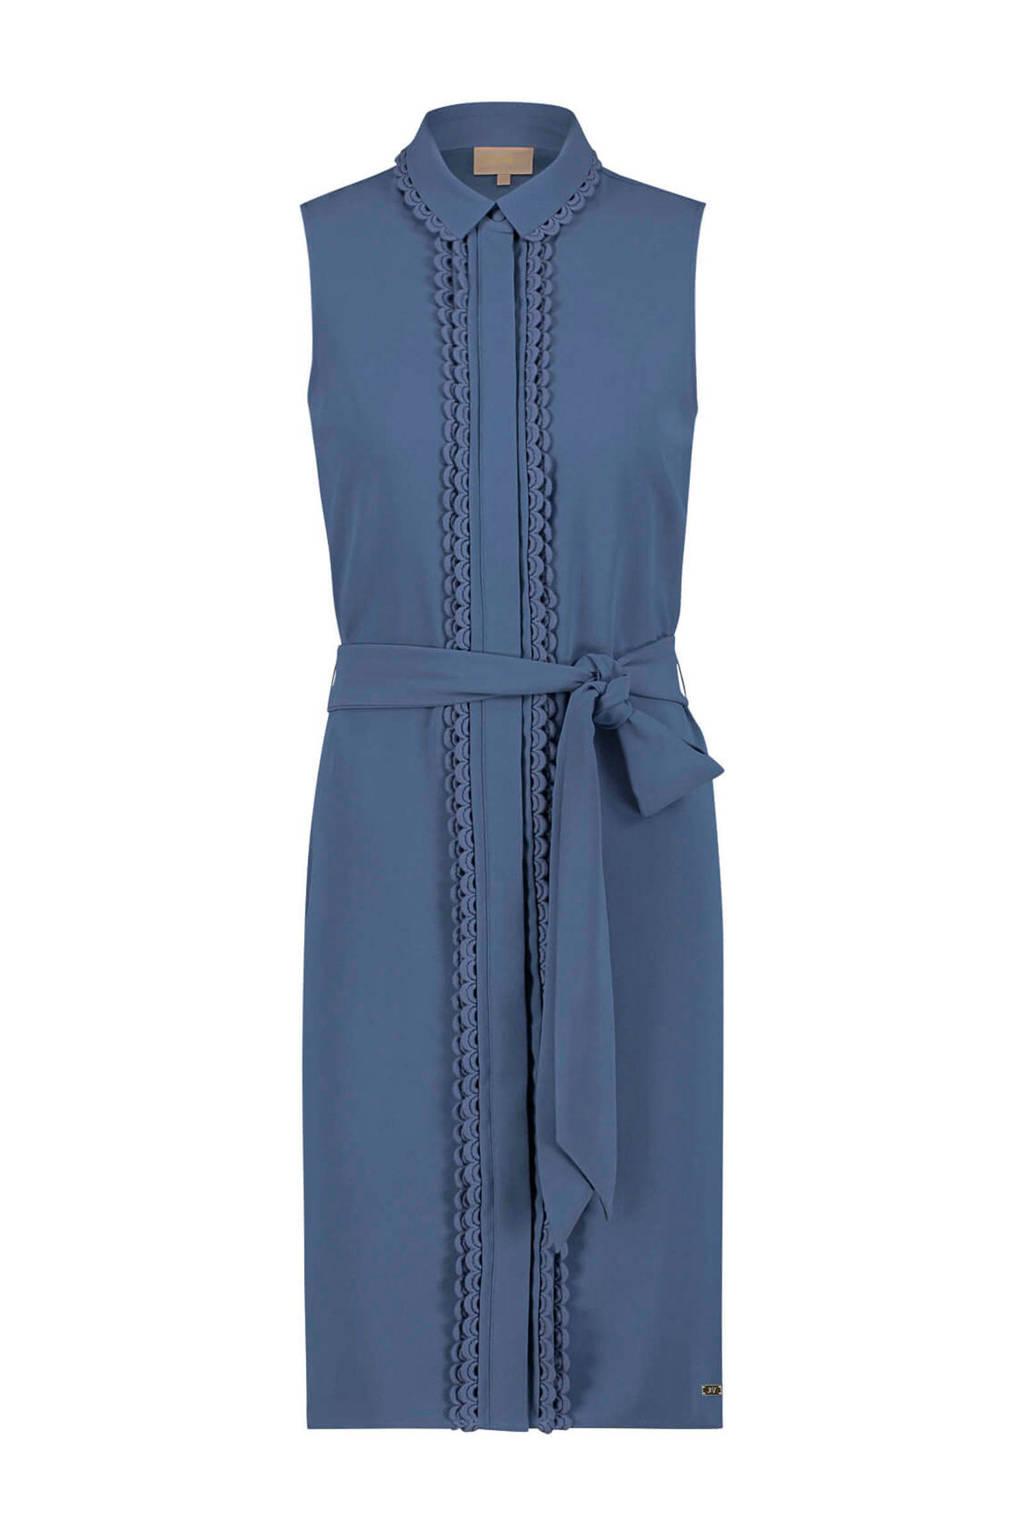 JOSH V Rhianna blousejurk blauw, Blauw